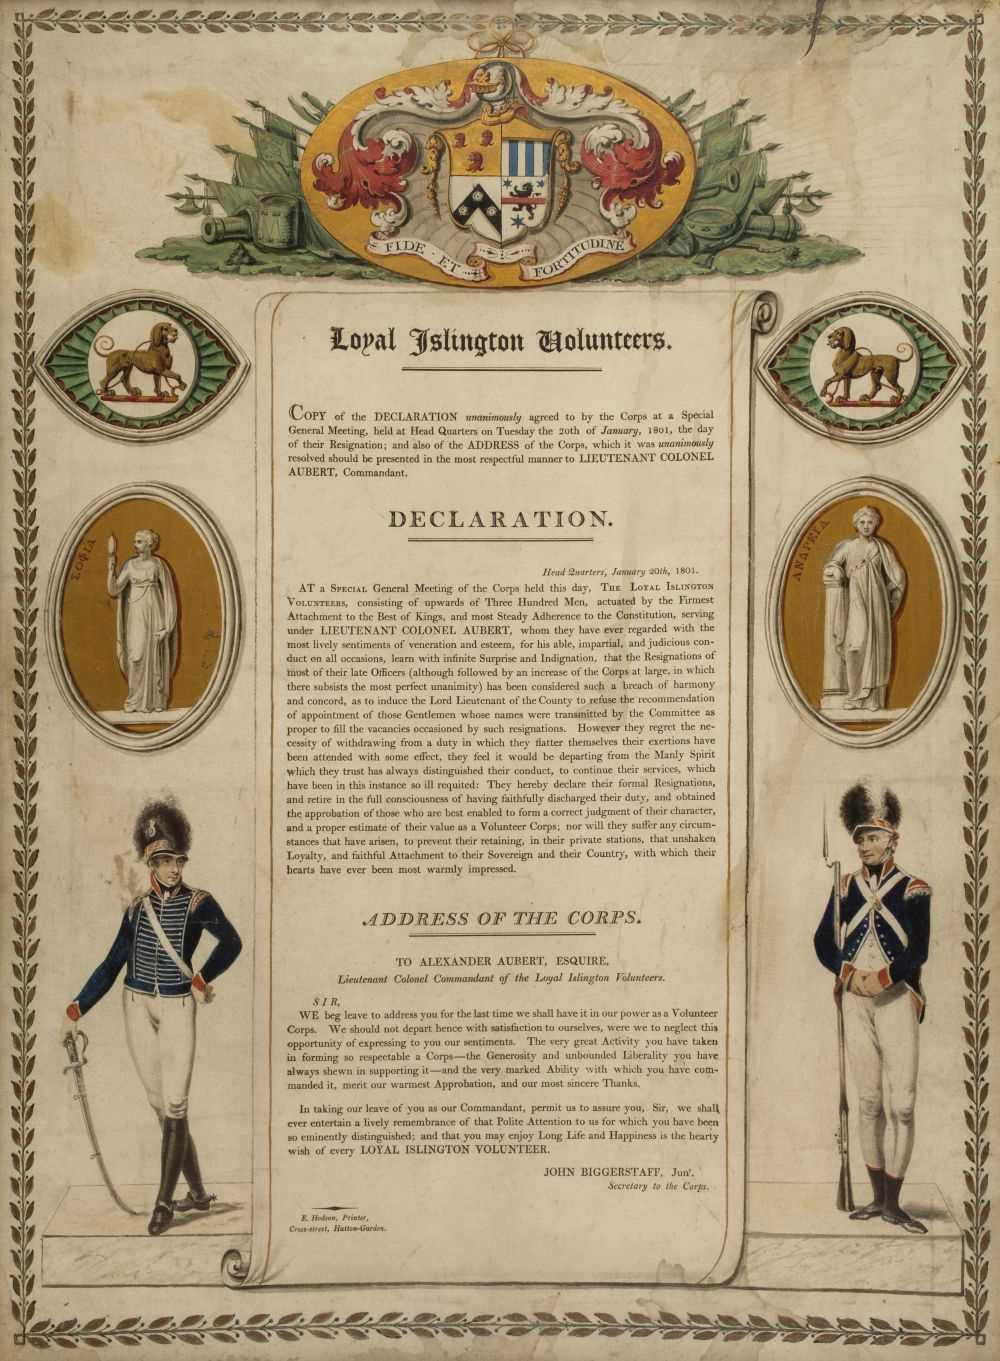 Lot 32 - Loyal Islington Volunteers. Declaration, 1801, letterpress broadside